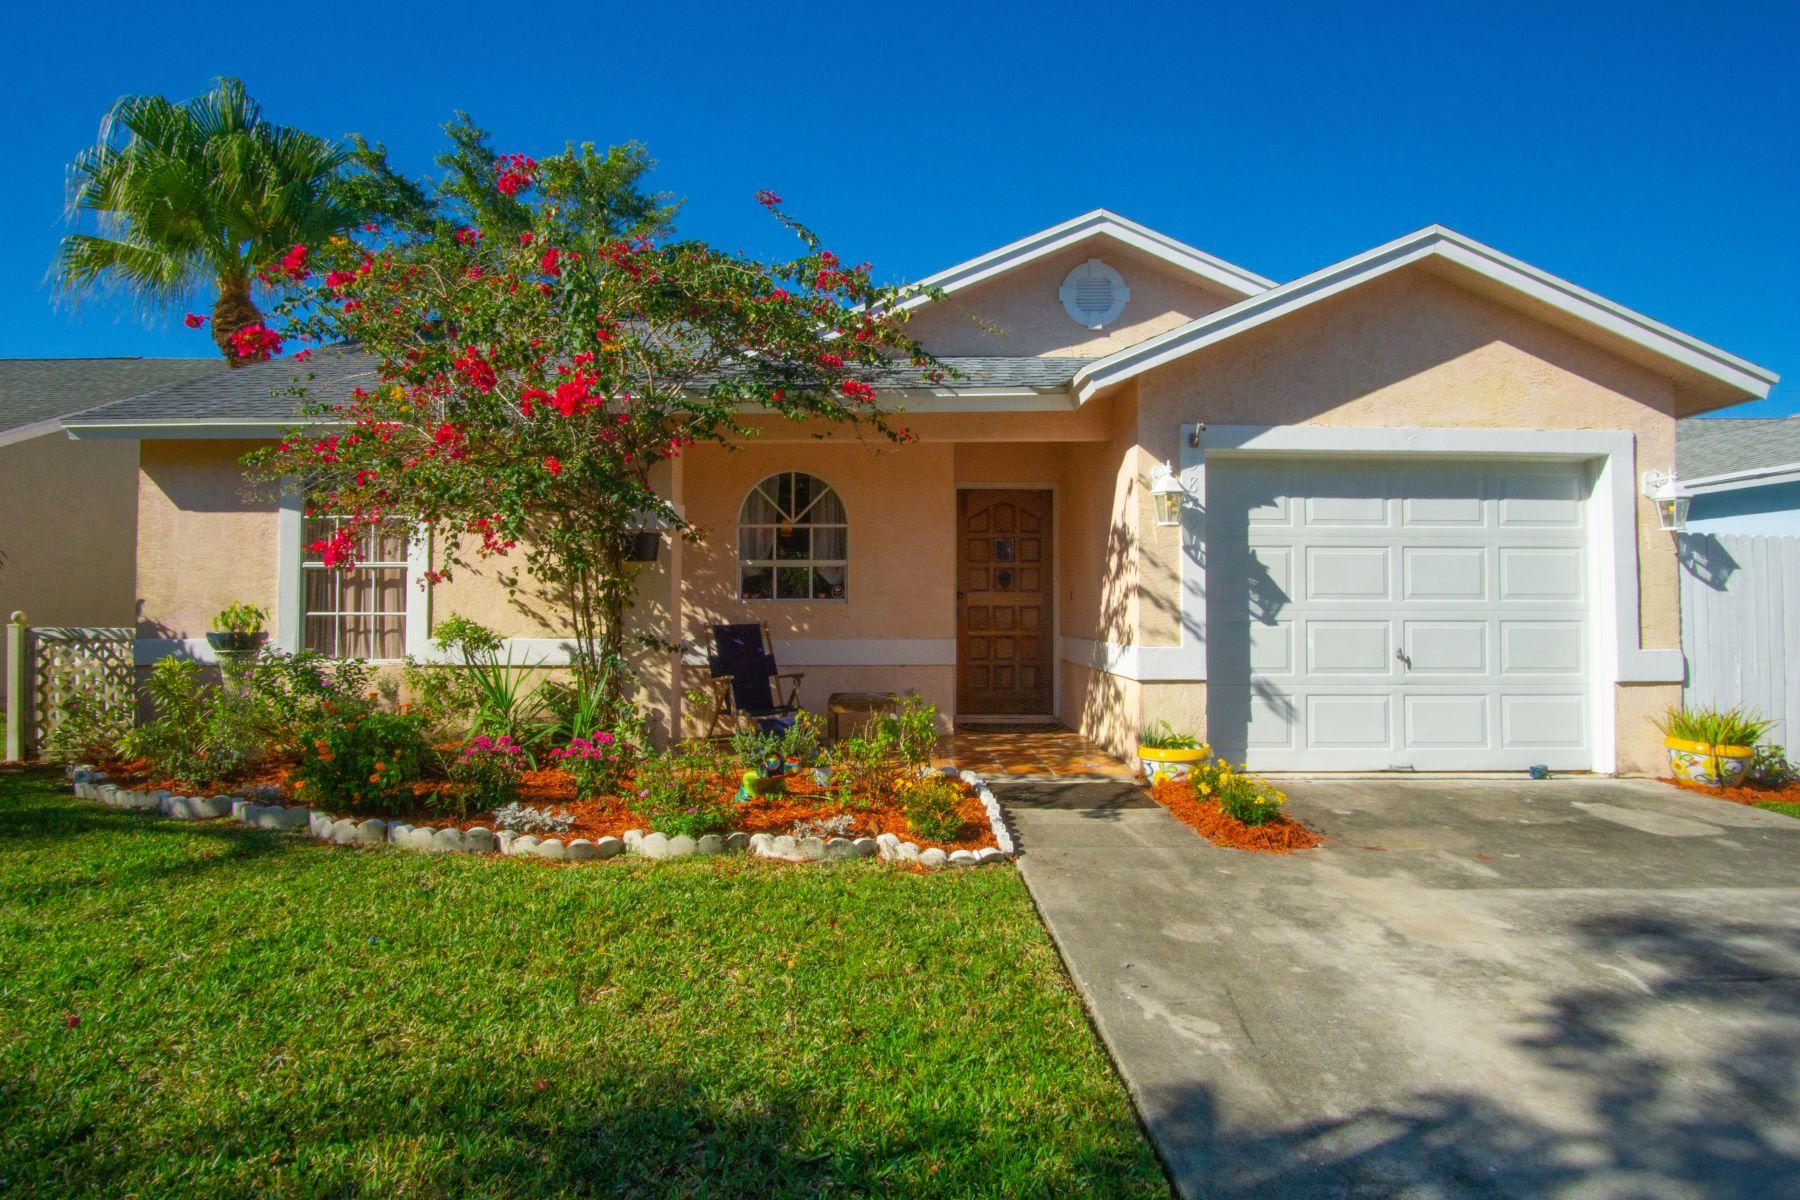 Single Family Home for Sale at 5879 Se Grafton Drive 5879 Se Grafton Drive Stuart, Florida 34997 United States